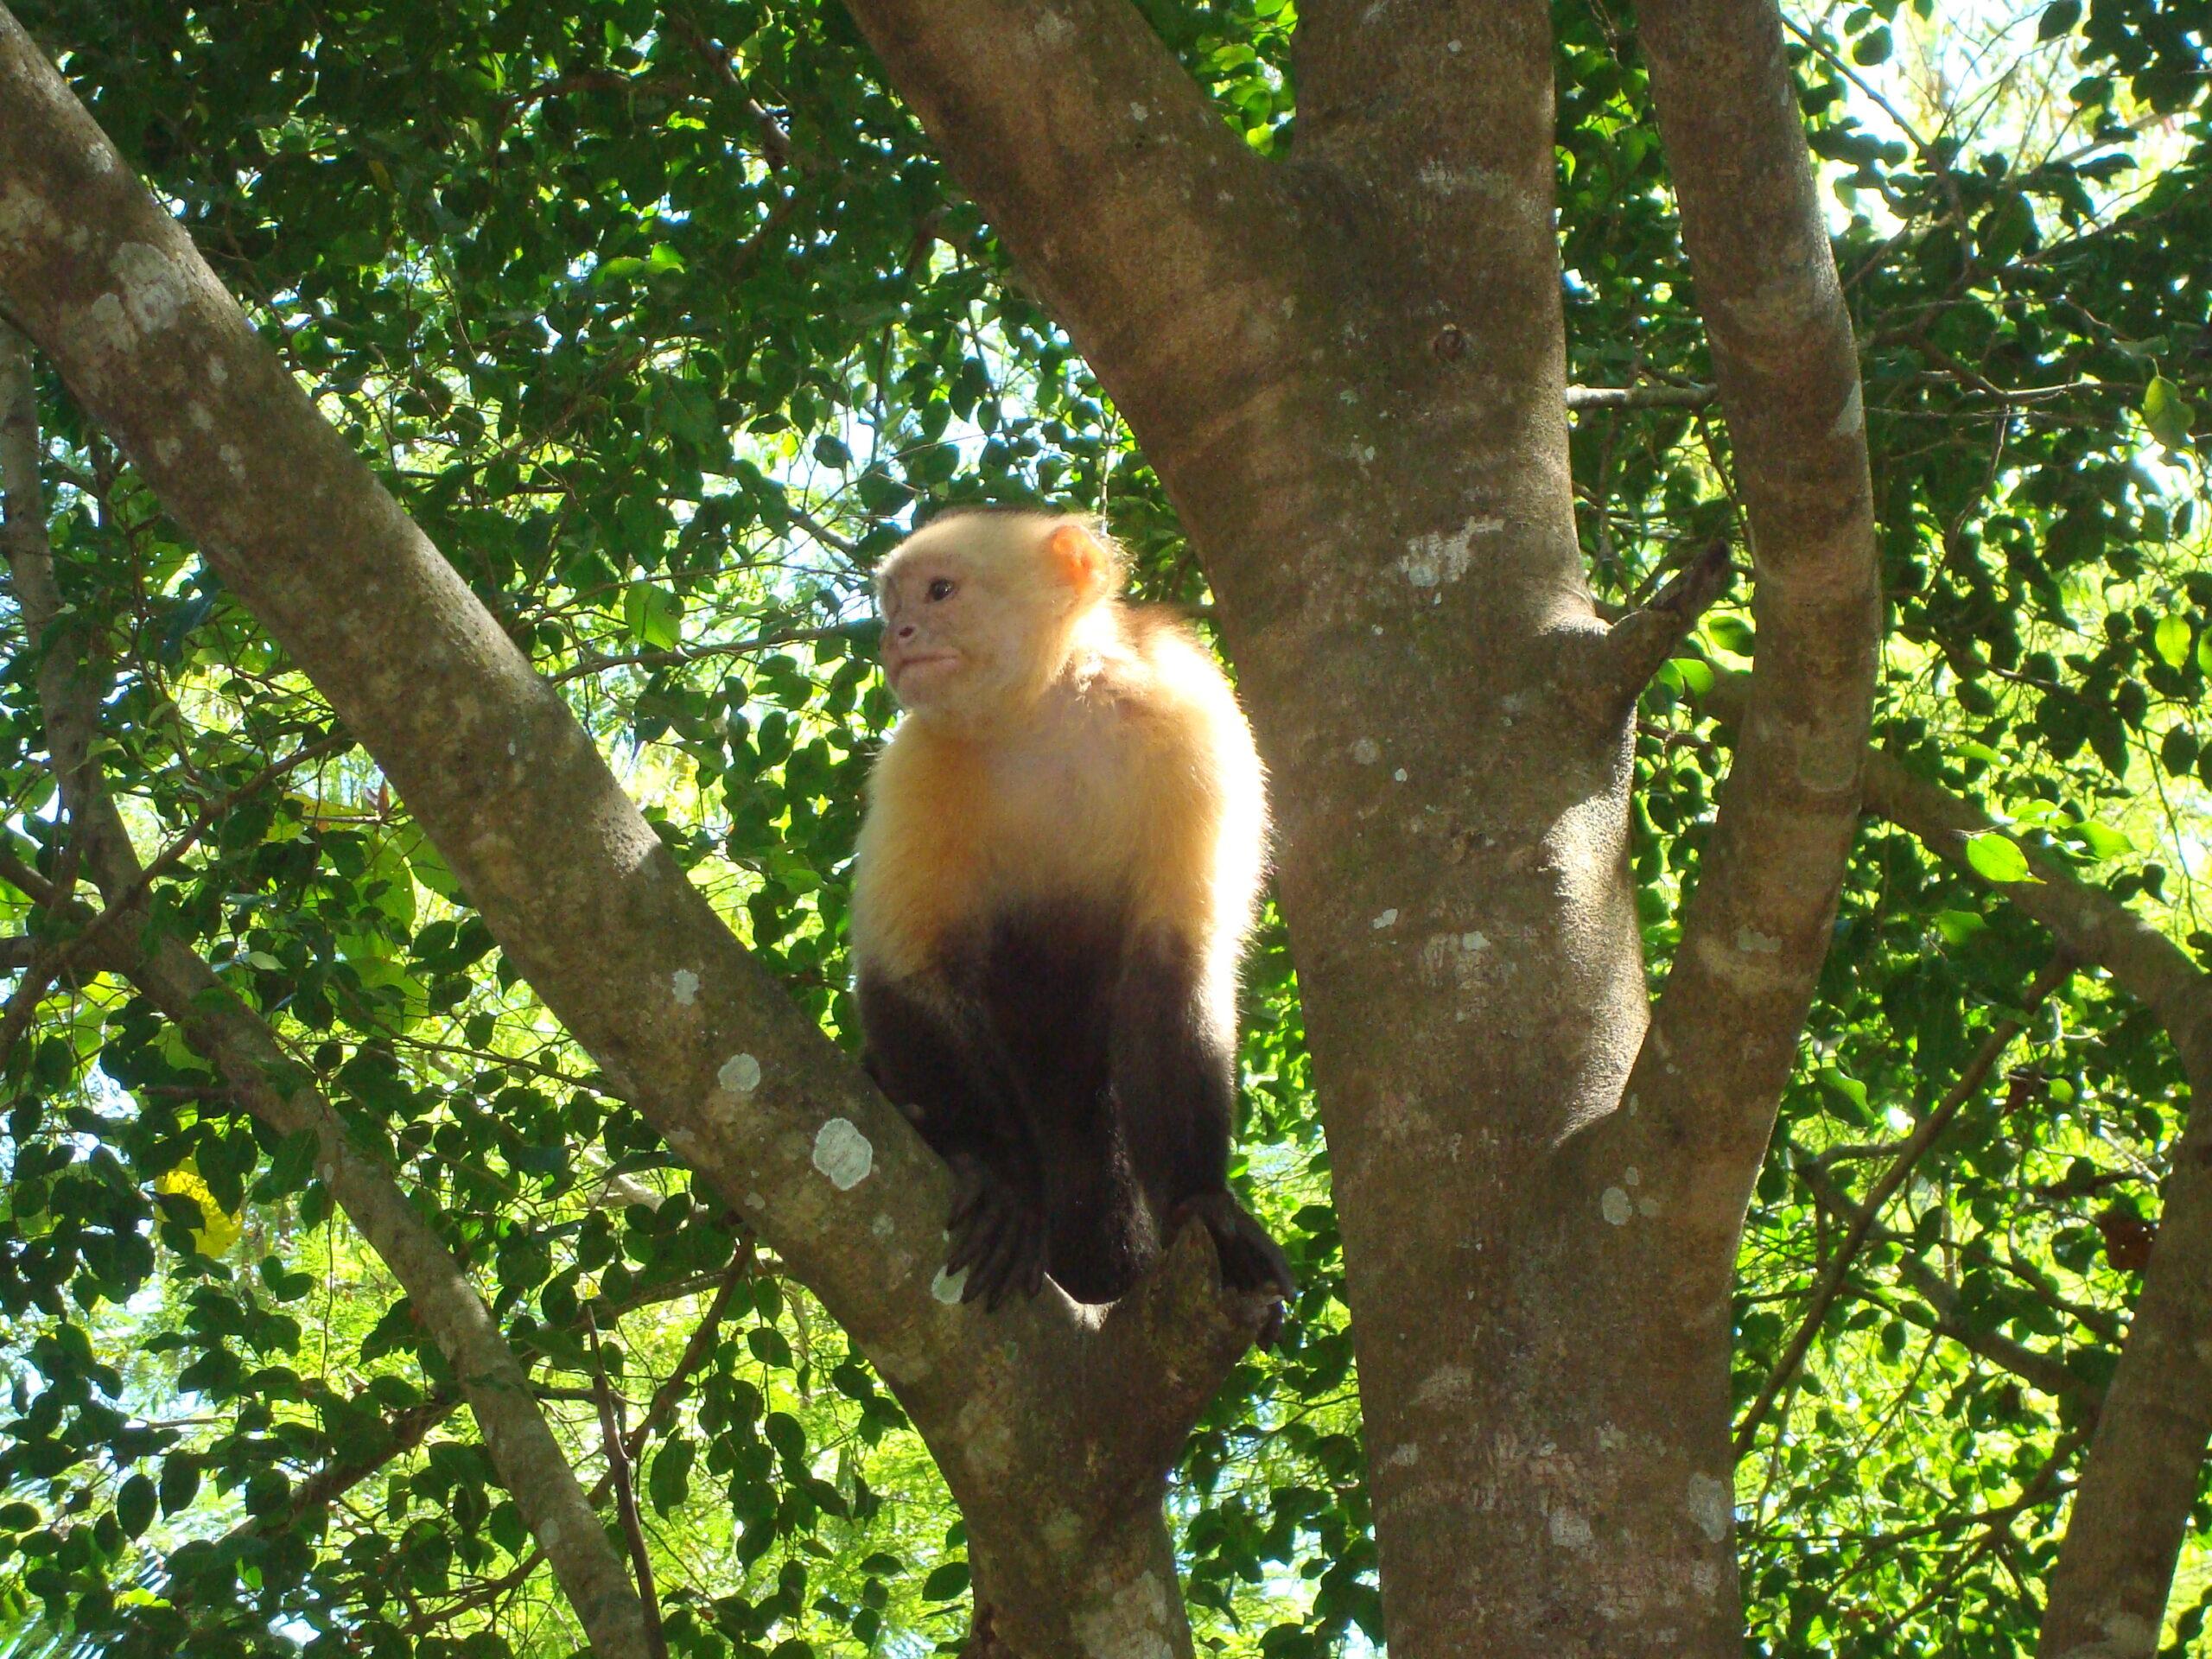 Rockstar Star Skipper Costa Rica Monkey